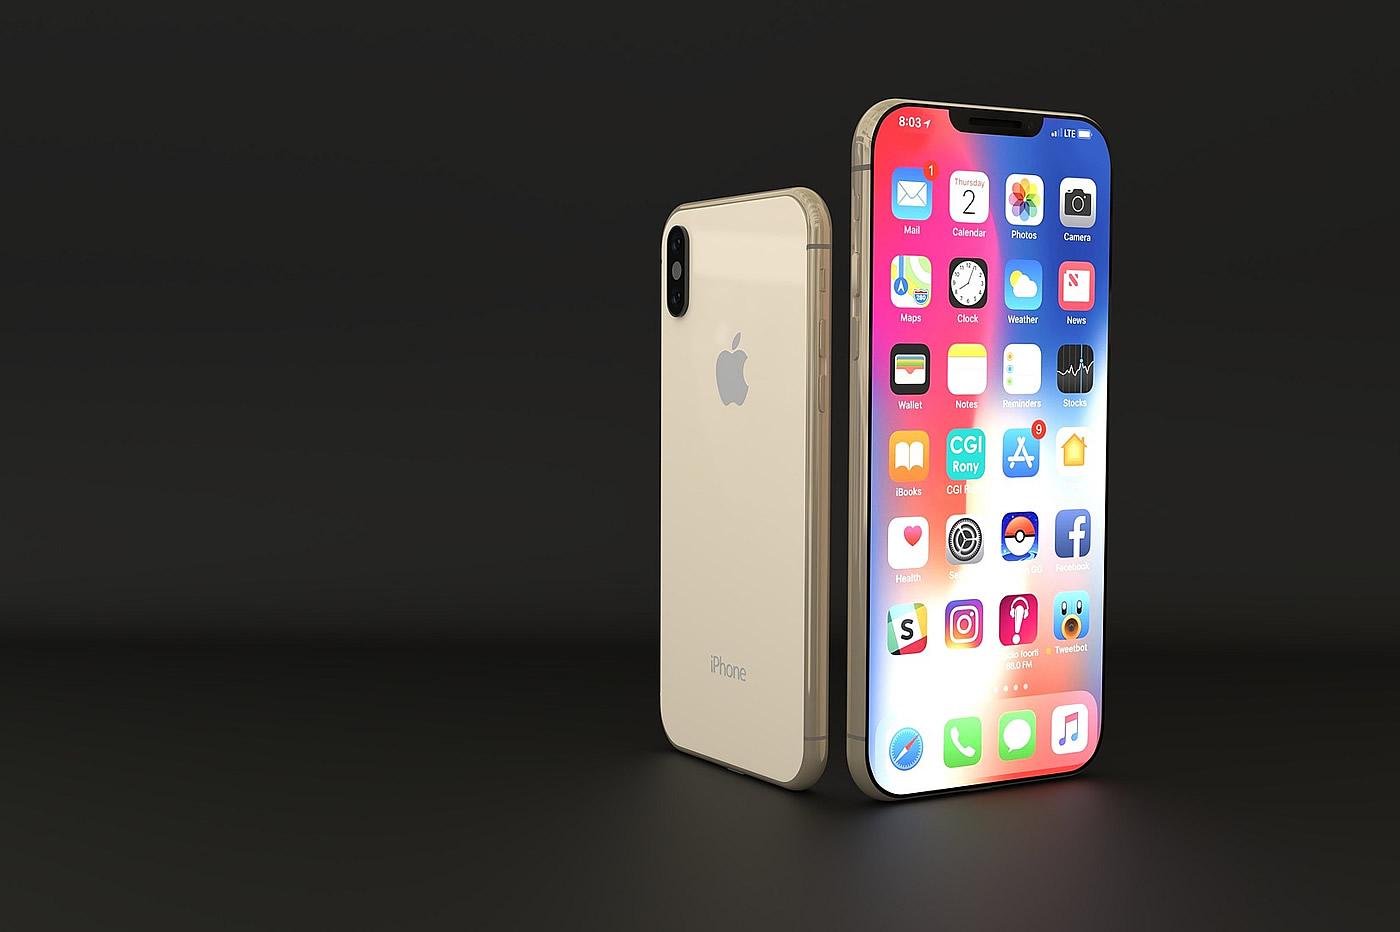 Cette fonctionnalité prometteuse à laquelle Apple a renoncé pour l'iPhone